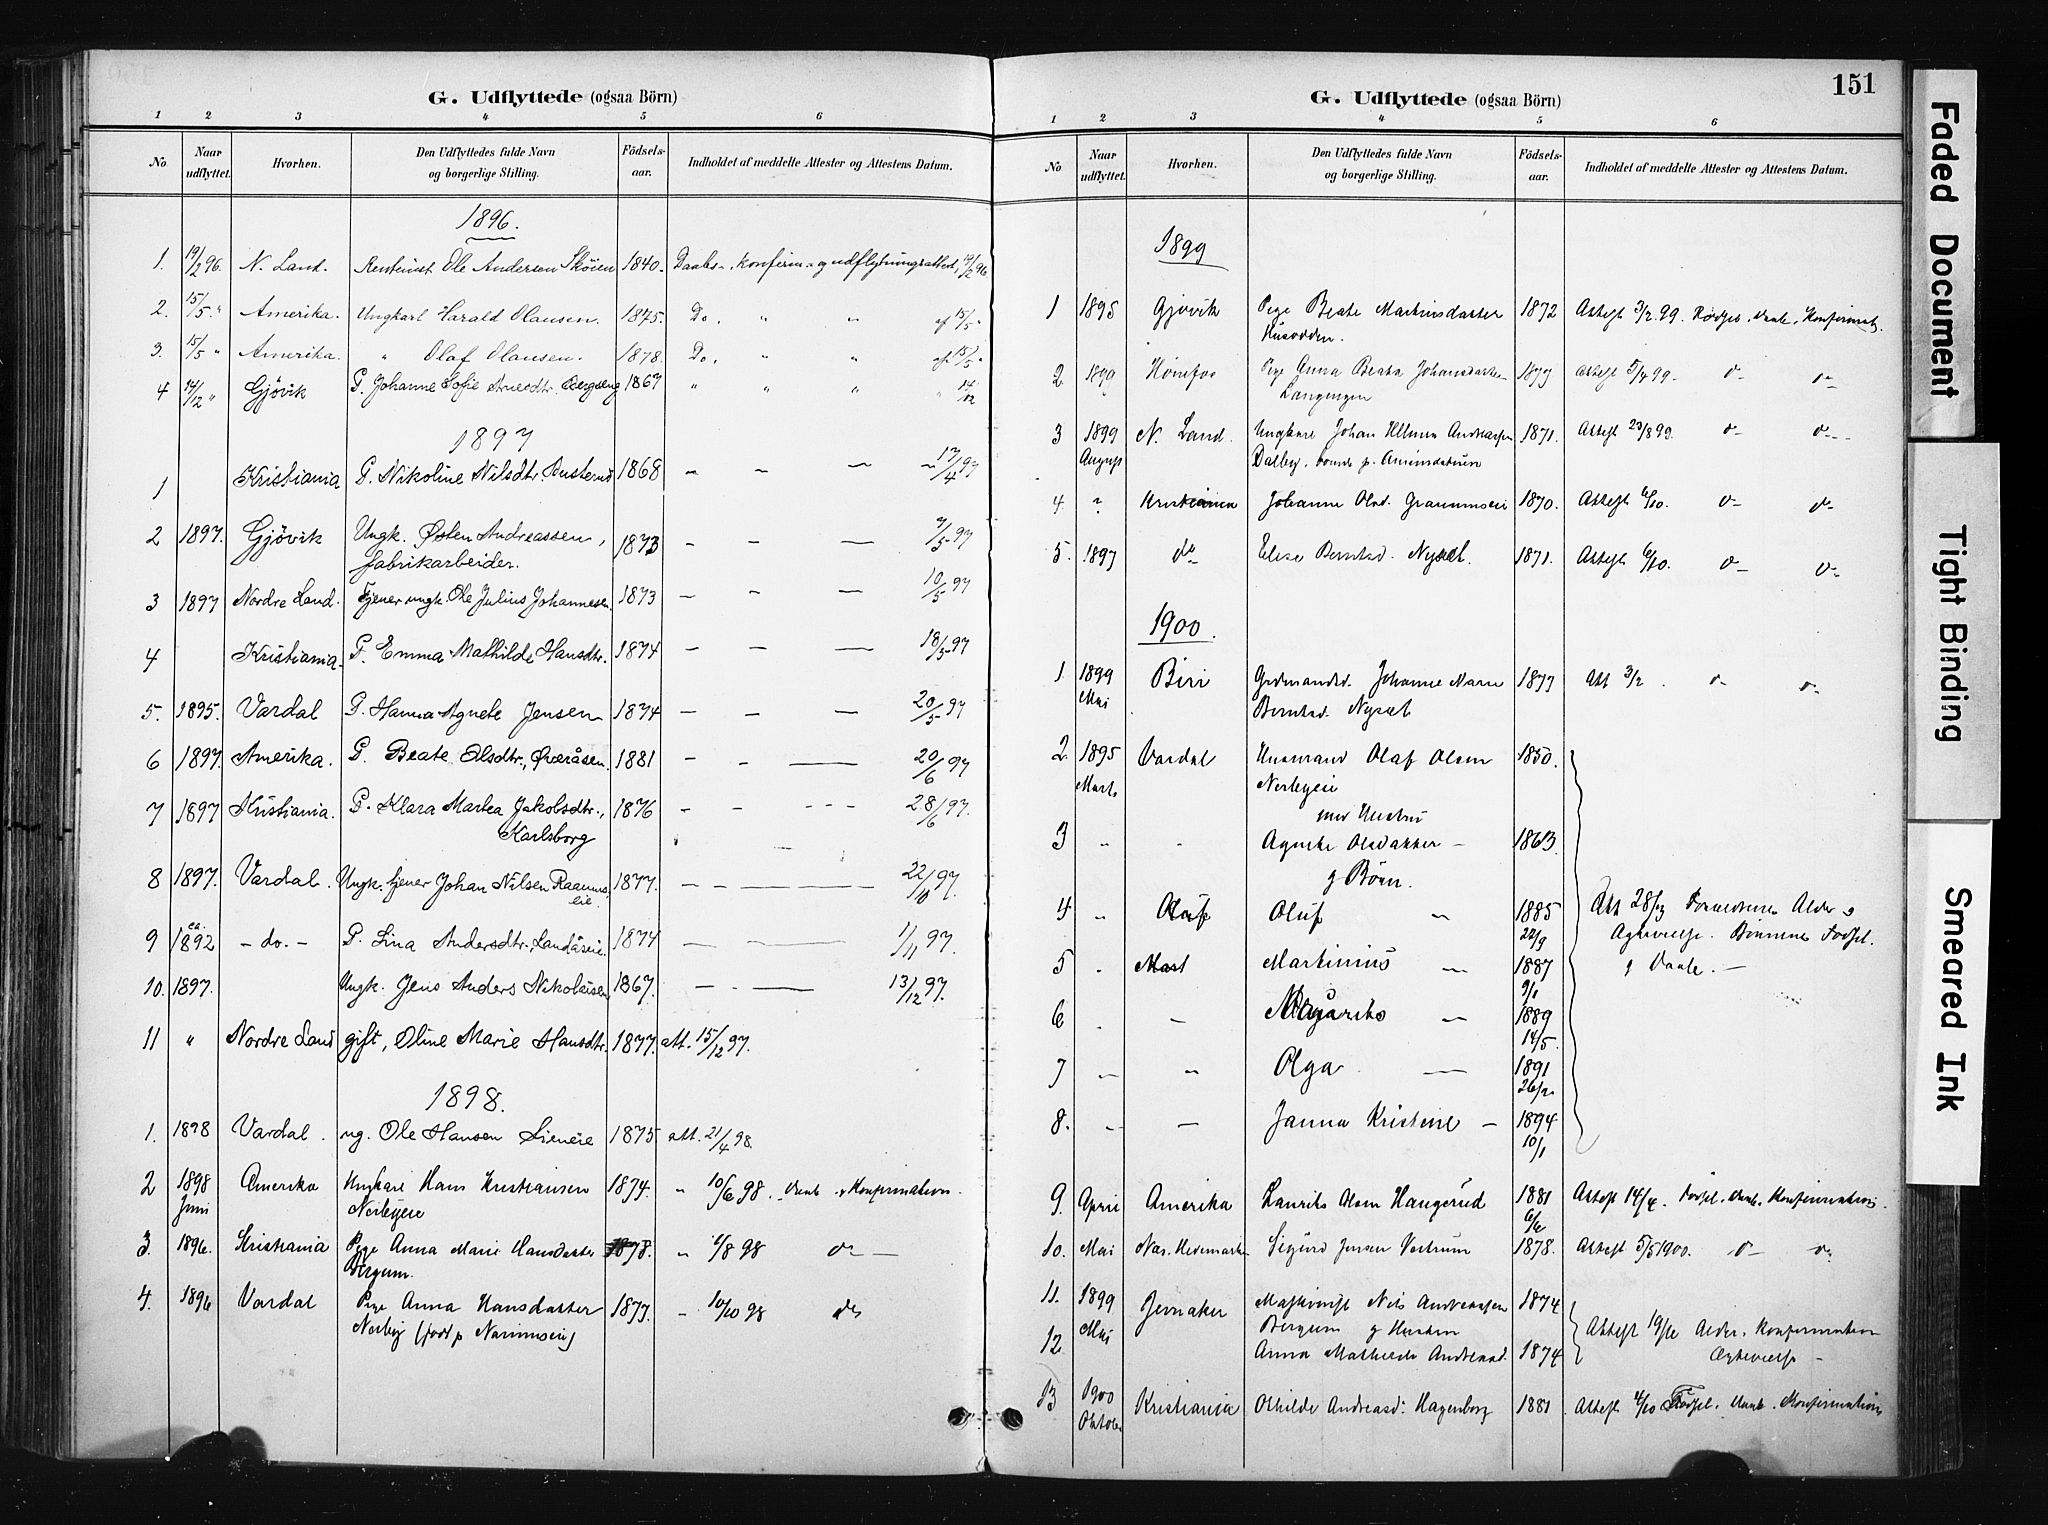 SAH, Søndre Land prestekontor, K/L0004: Ministerialbok nr. 4, 1895-1904, s. 151